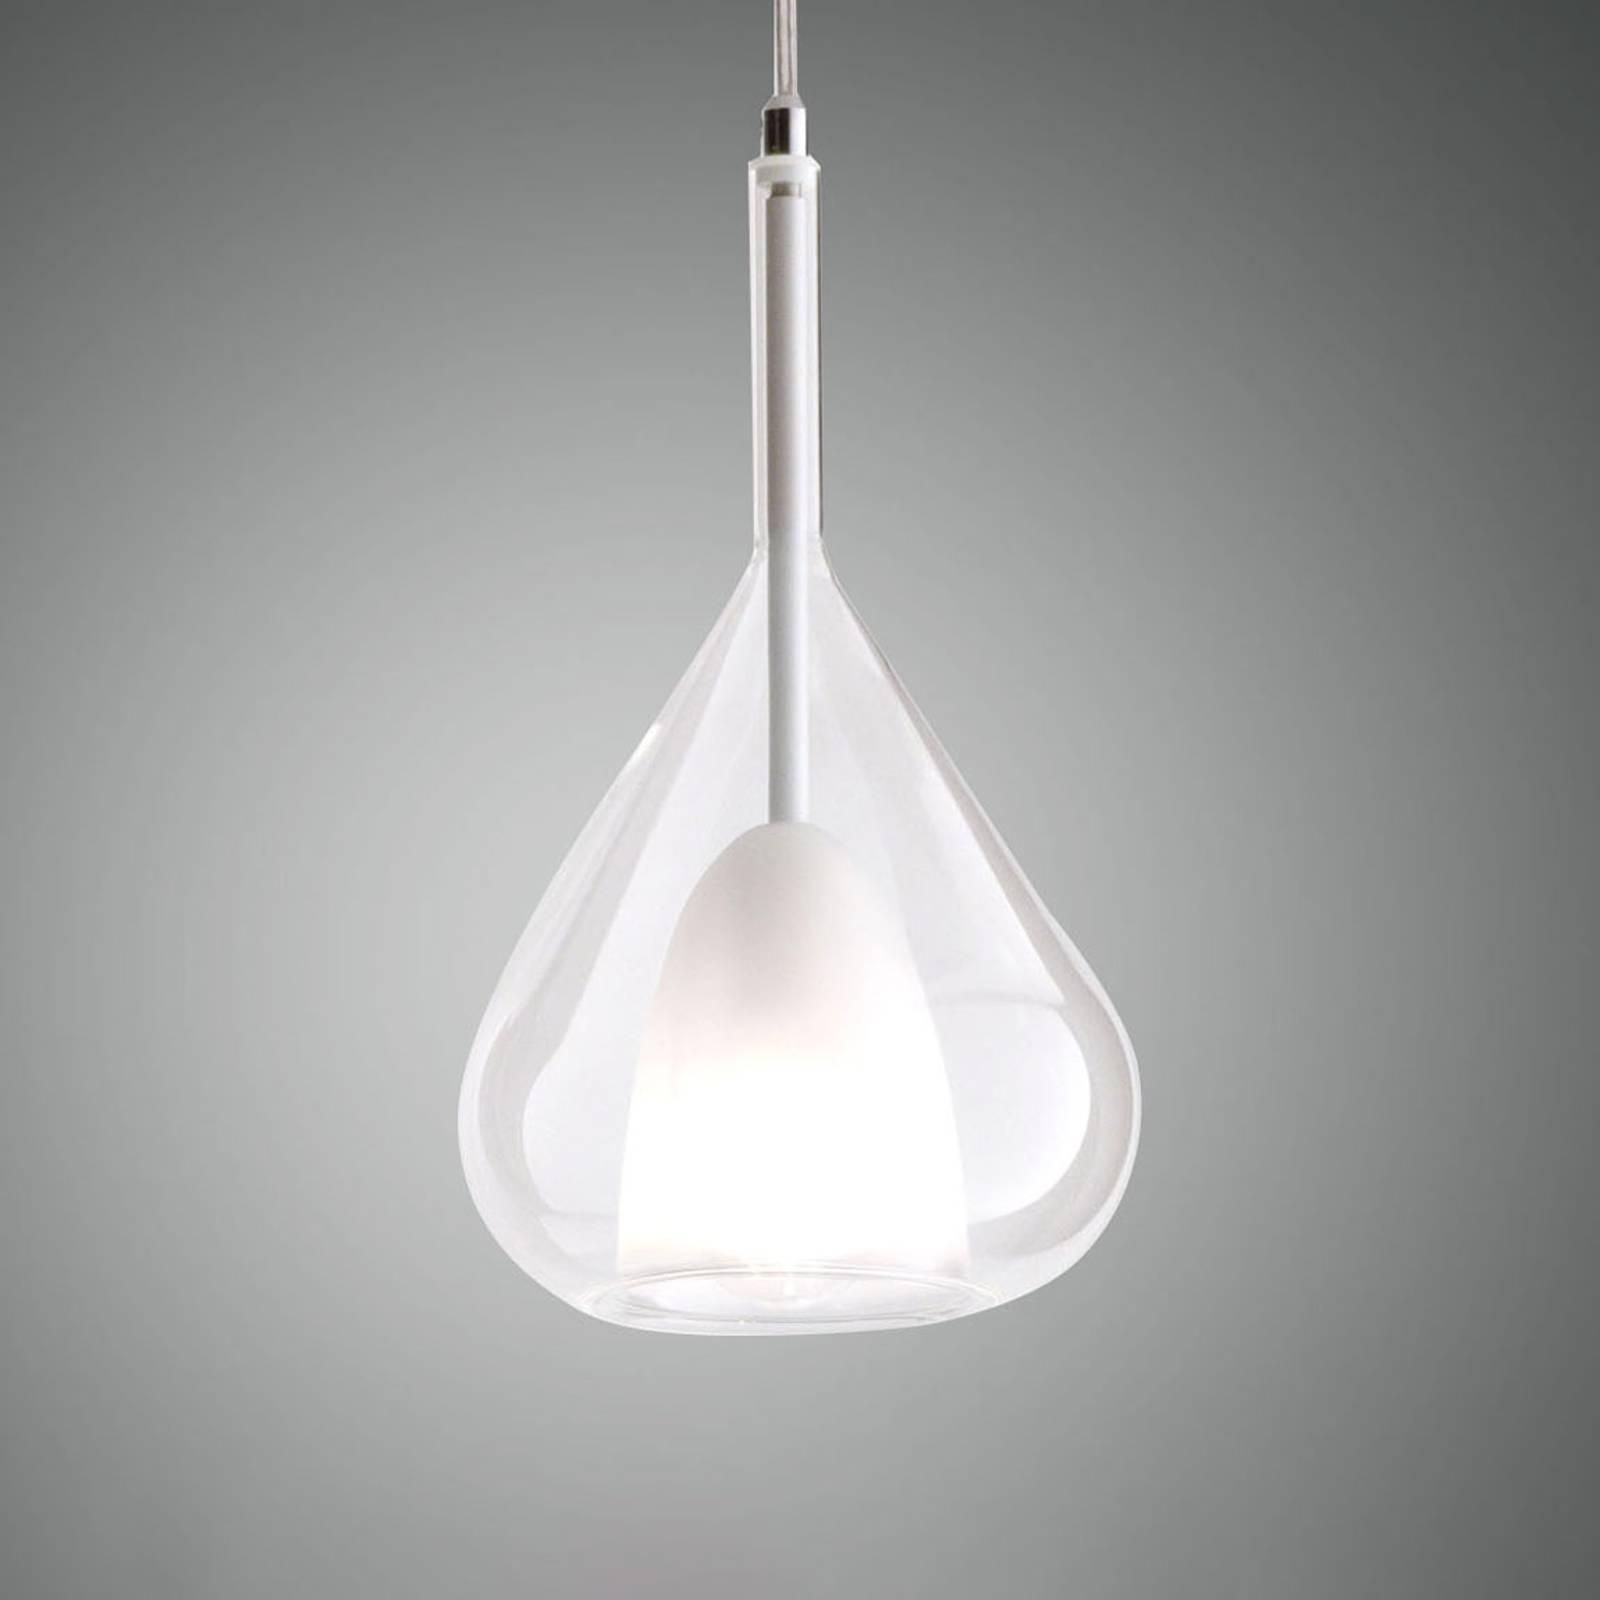 Riippuvalo Lila lasia, 1-lamppuinen, kirkas